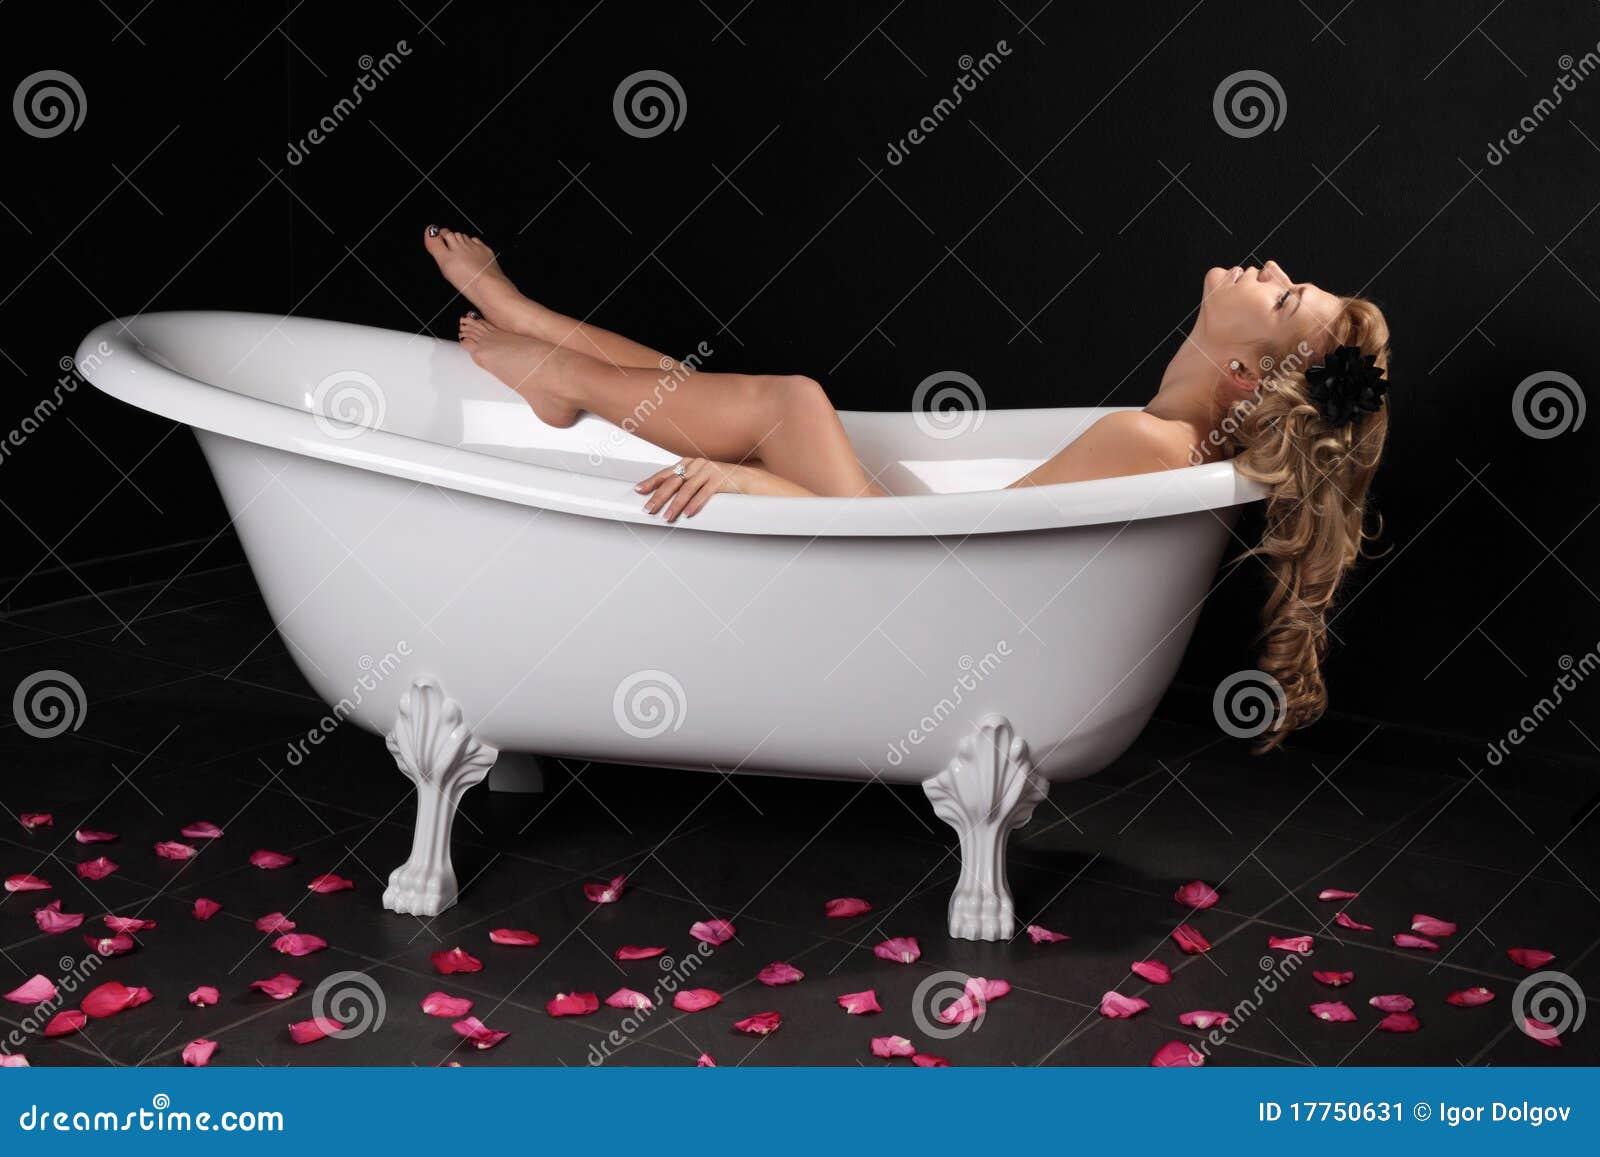 La fille dans une salle de bains image stock image 17750631 for Comfemme nue dans la salle de bain